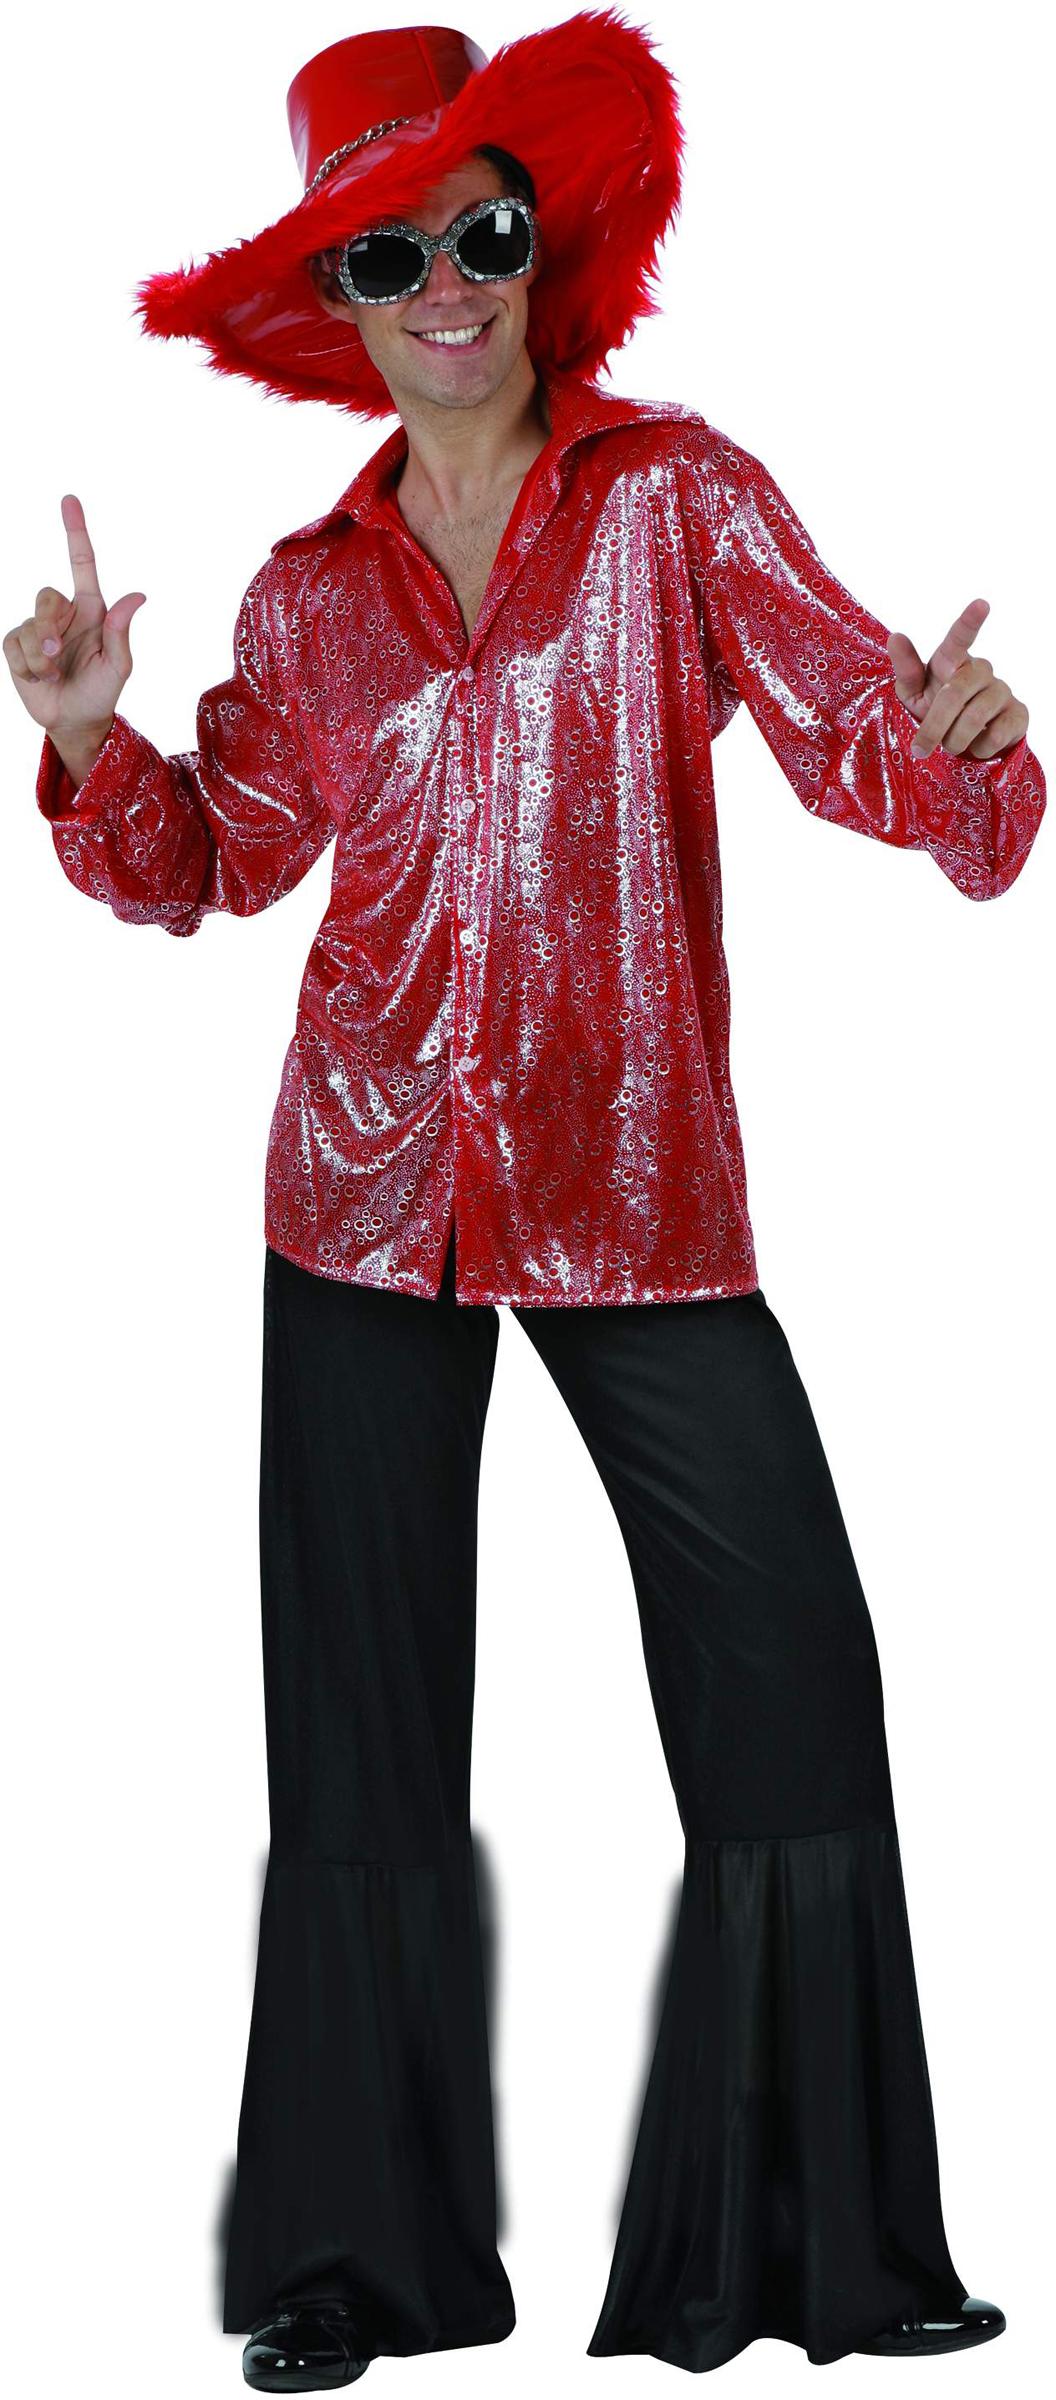 red and black disco costume for men. Black Bedroom Furniture Sets. Home Design Ideas